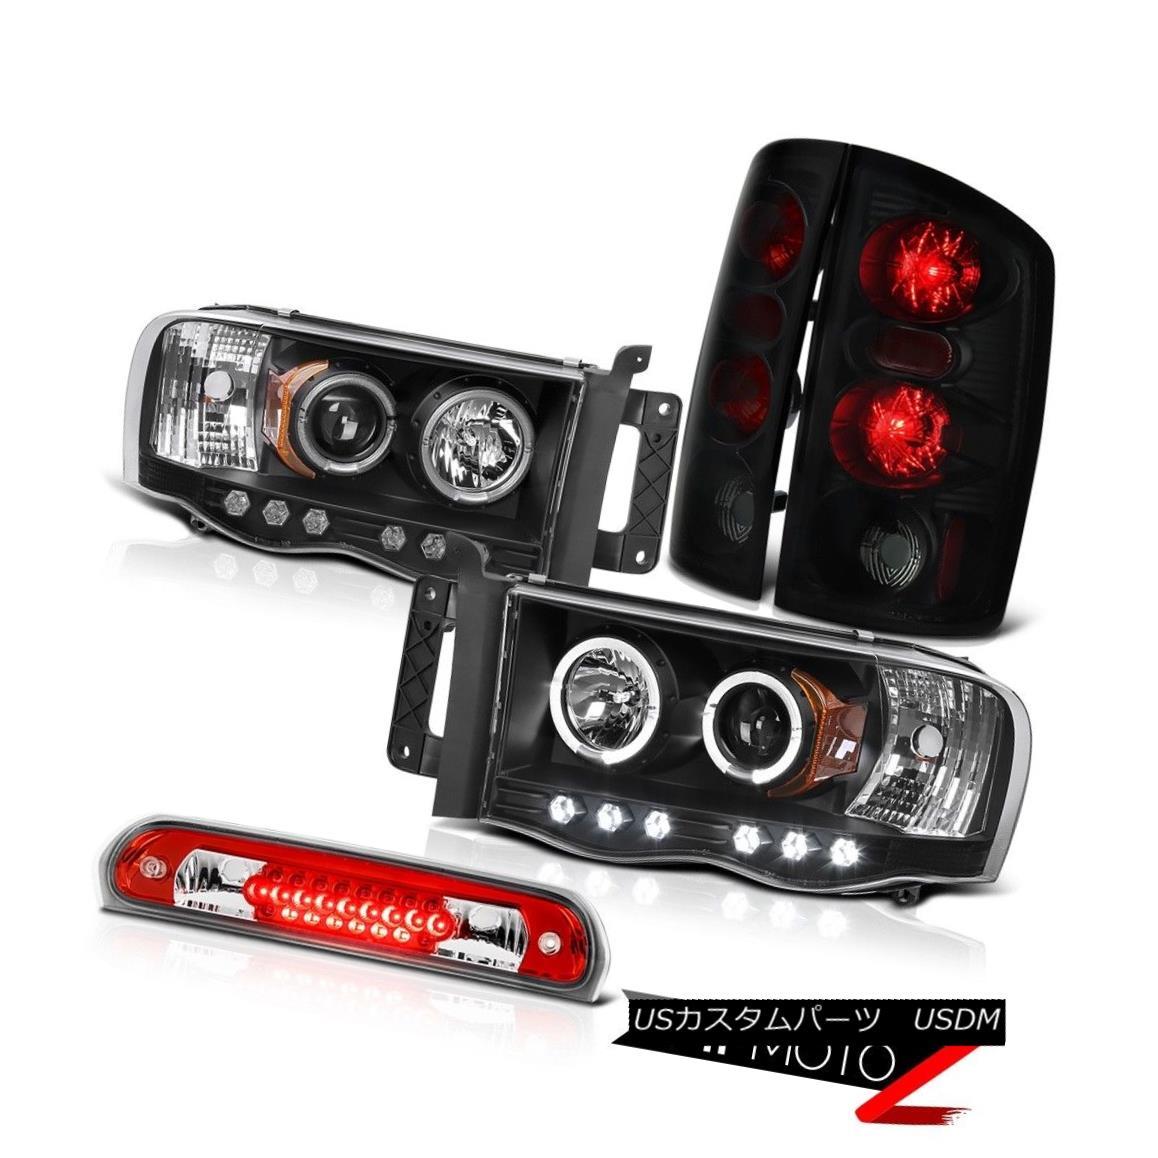 テールライト Headlights Projector Sinister Brake Lights Roof LED Red 02 03 04 05 Ram SRT-10 ヘッドライトプロジェクターシニスターブレーキライトルーフLEDレッド02 03 04 05ラムSRT-10